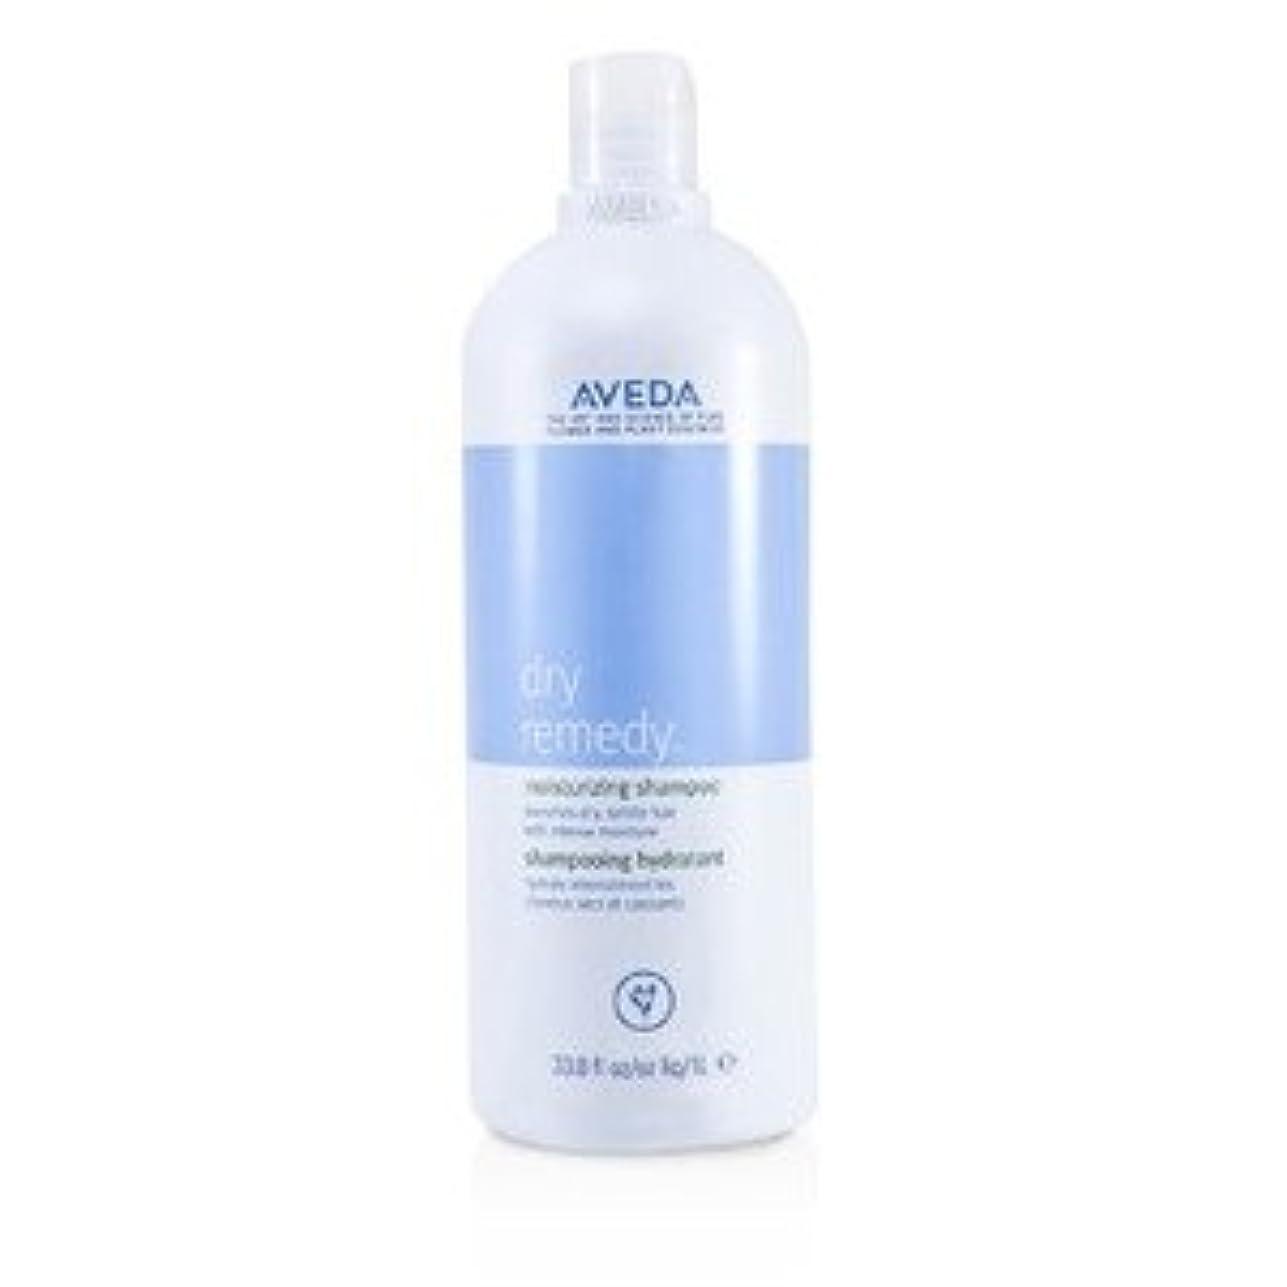 アレルギープロポーショナルデコレーションAveda(アヴェダ) ドライ レメディ モイスチャライジング シャンプー(新パッケージ) 1000ml/33.8oz [並行輸入品]